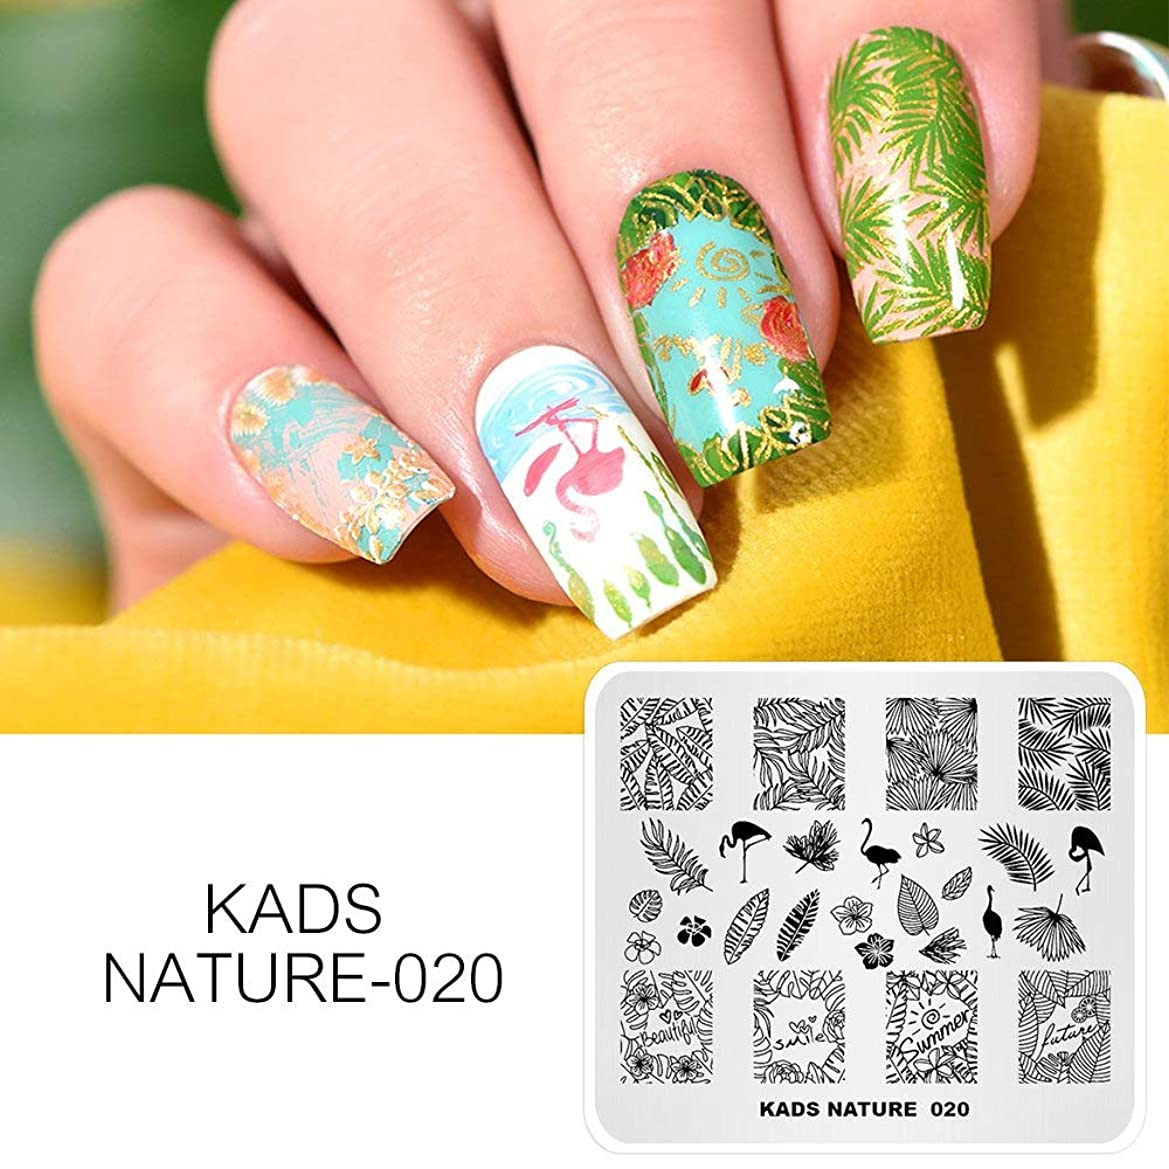 単調なドール溶かすKADS ネイルプレート ネイルイメージプレート 美しい緑葉 花柄 優雅な鶴 ネイルアートツール ネイルステンシル (NA020)